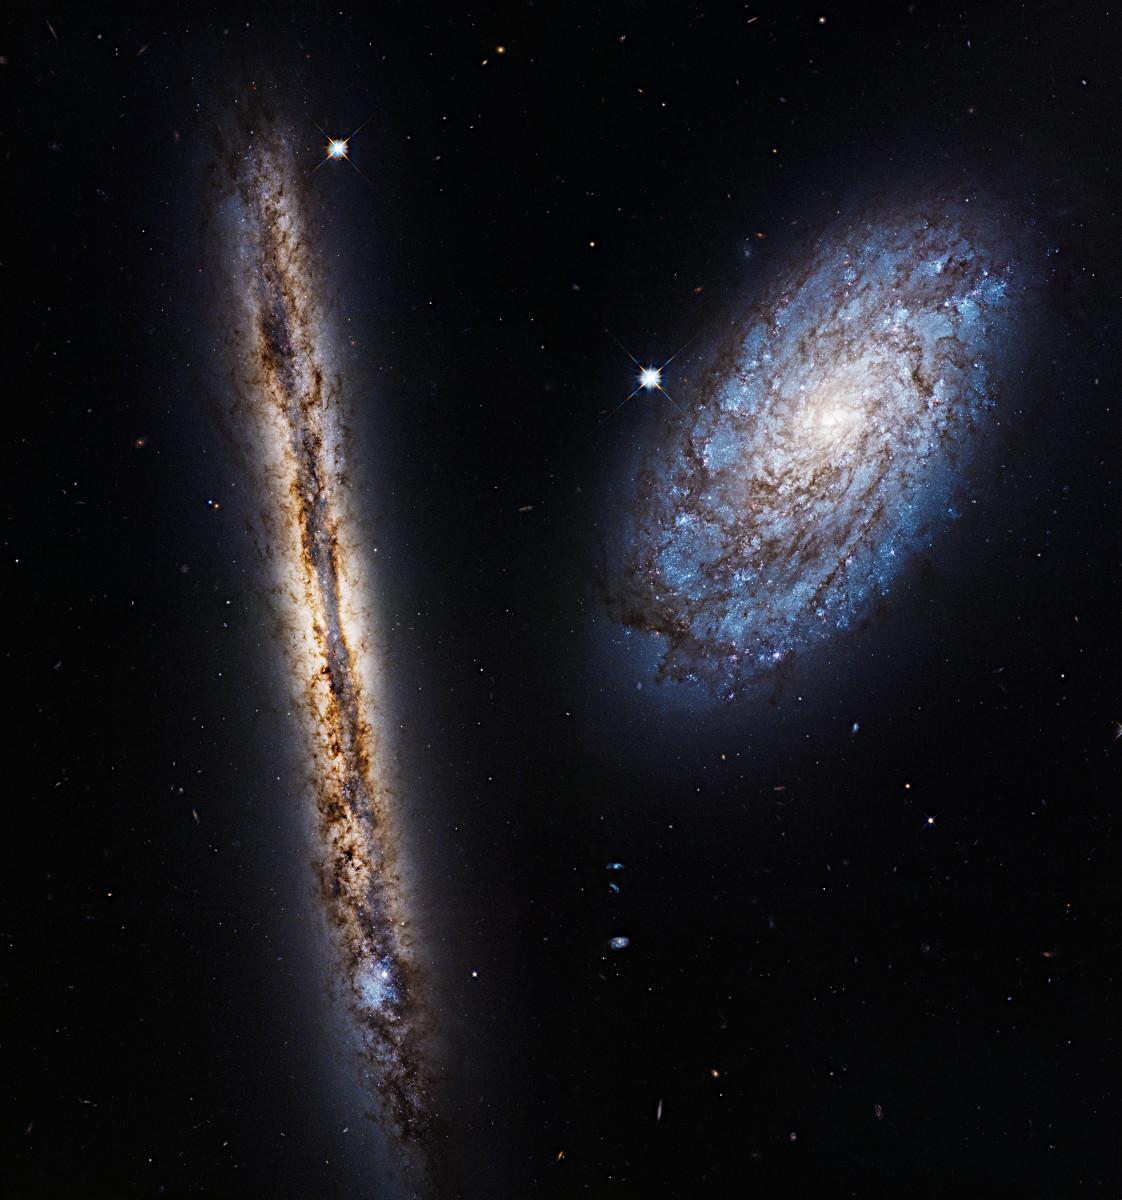 かみのけ座にある渦巻銀河のペア 〜 ハッブル打ち上げ27周年記念画像 ...